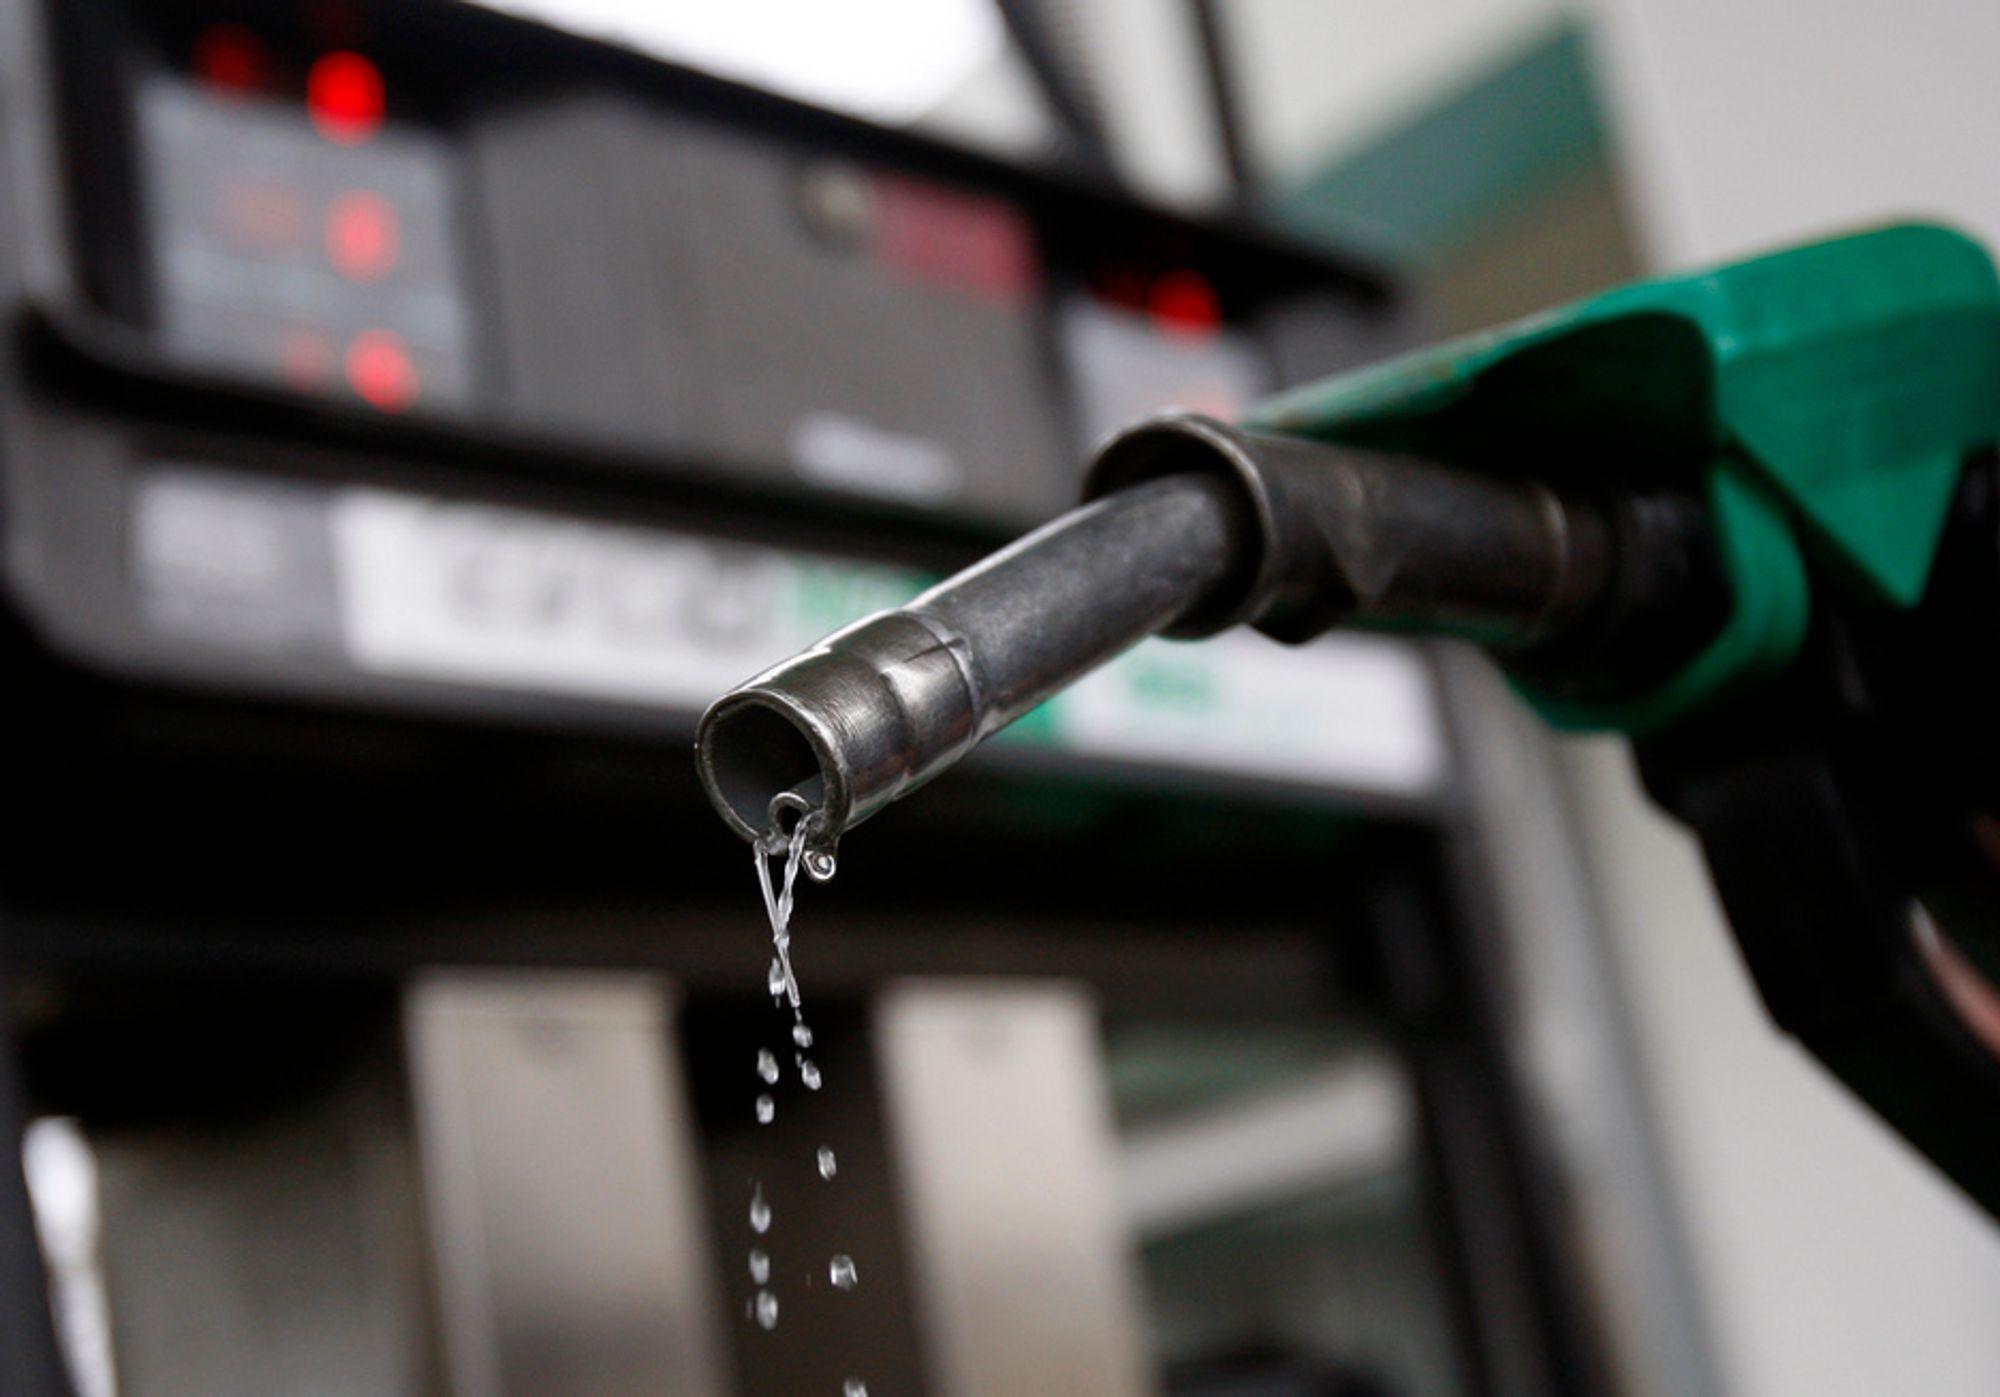 VARIG HØYE: Bensinprisene kommer til å holde seg høye sammen med oljeprisen i 2011 og 2012, skal vi tro amerikanske EIA. Bakgrunnen er at etterspørselen øker fortere enn tilbudet. OPEC må øke sin produksjon betydelig hvis verden skal bli forsynt.